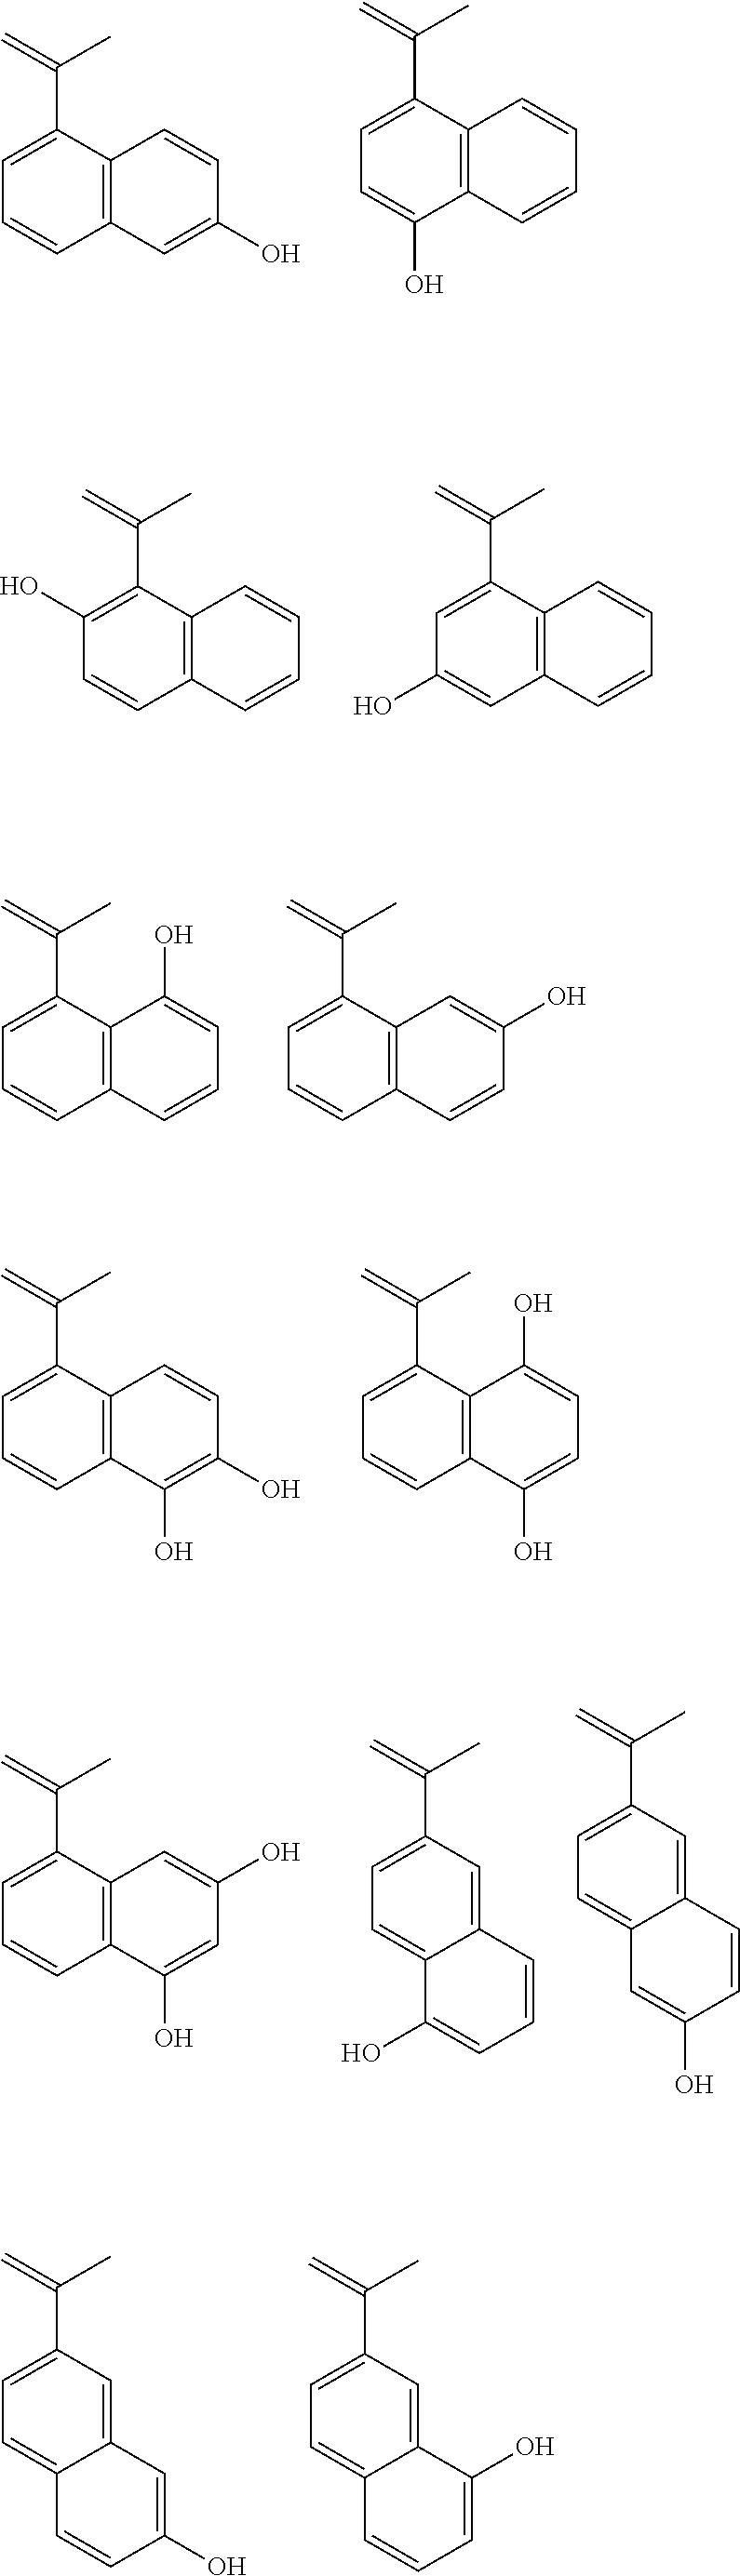 Figure US08822136-20140902-C00076